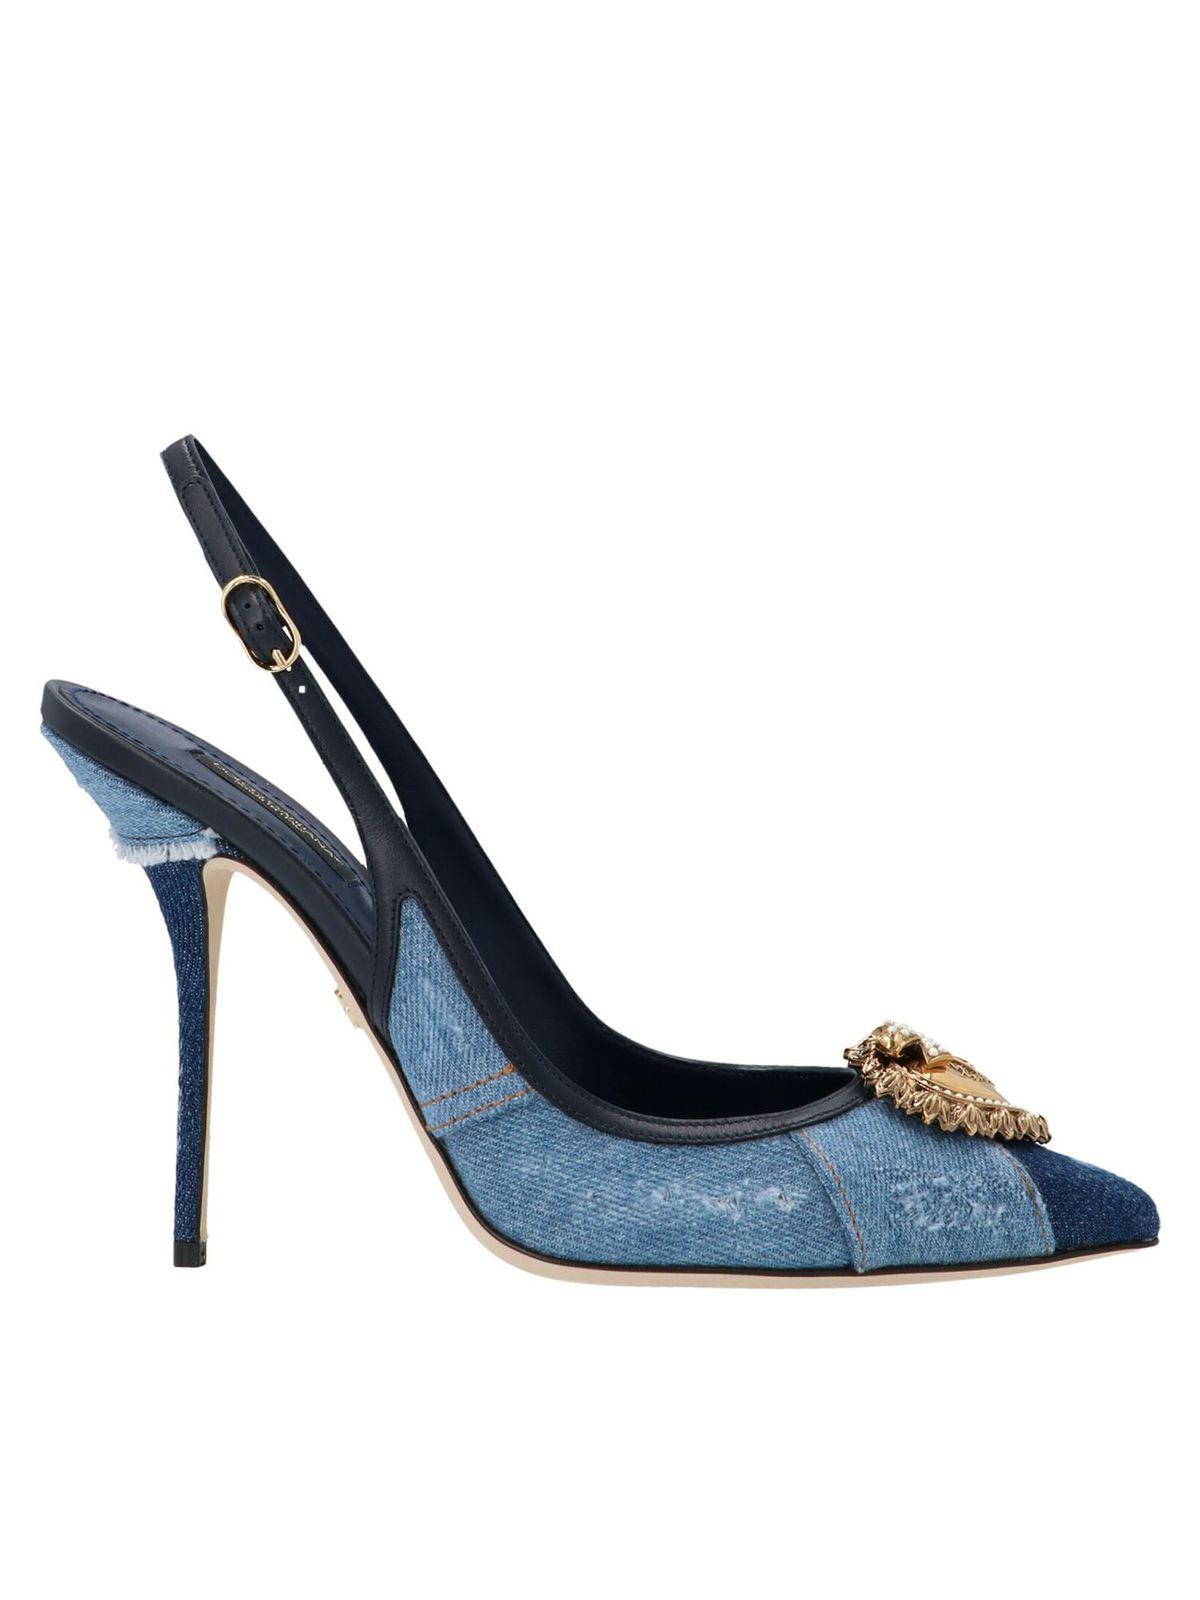 Dolce & Gabbana DEVOTION DENIM SLING BACK PUMPS IN LIGHT BLUE